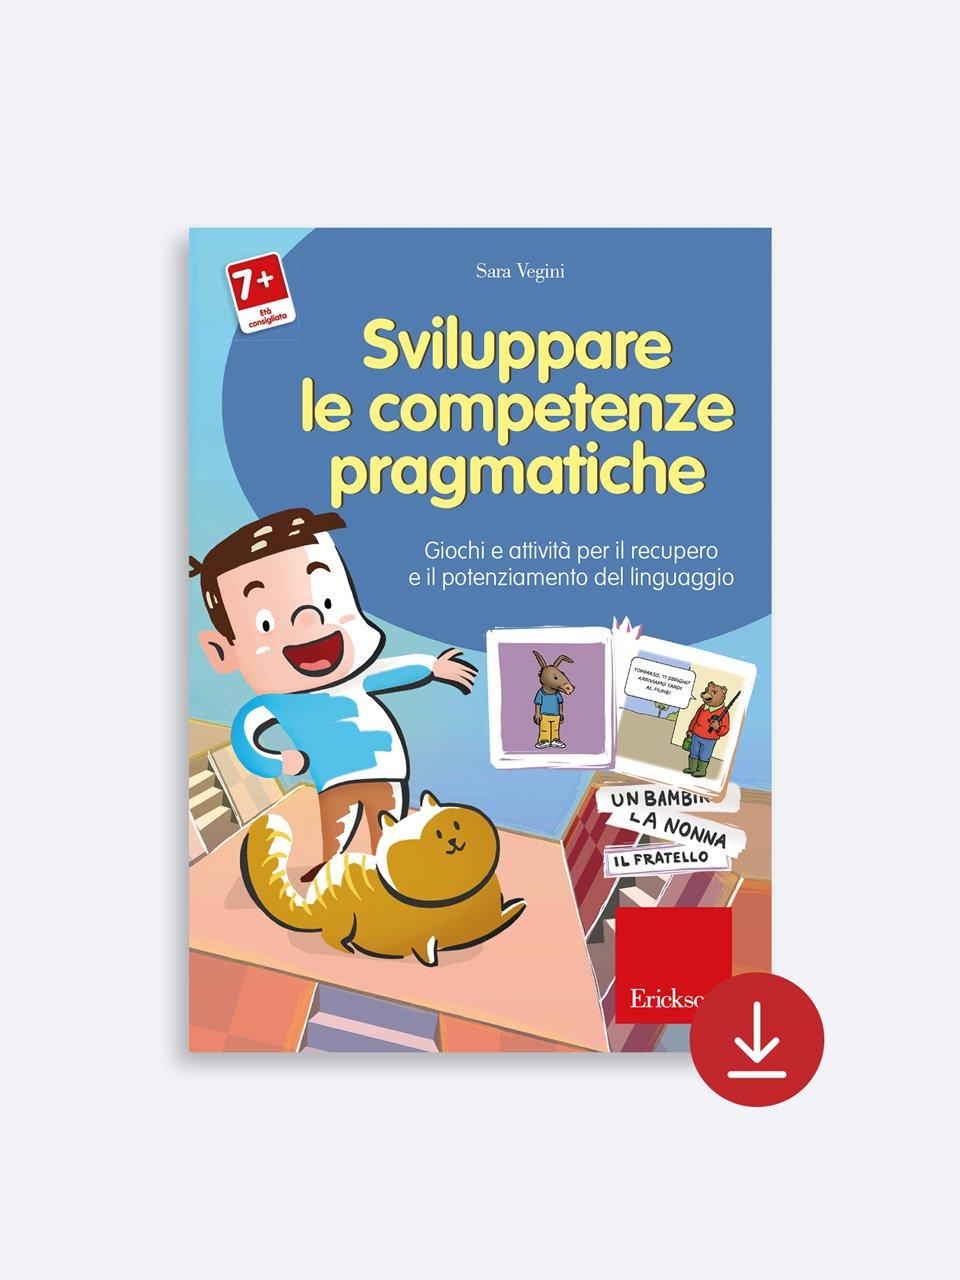 Sviluppare le competenze pragmatiche - Volume 1 - Libri - App e software - Erickson 5